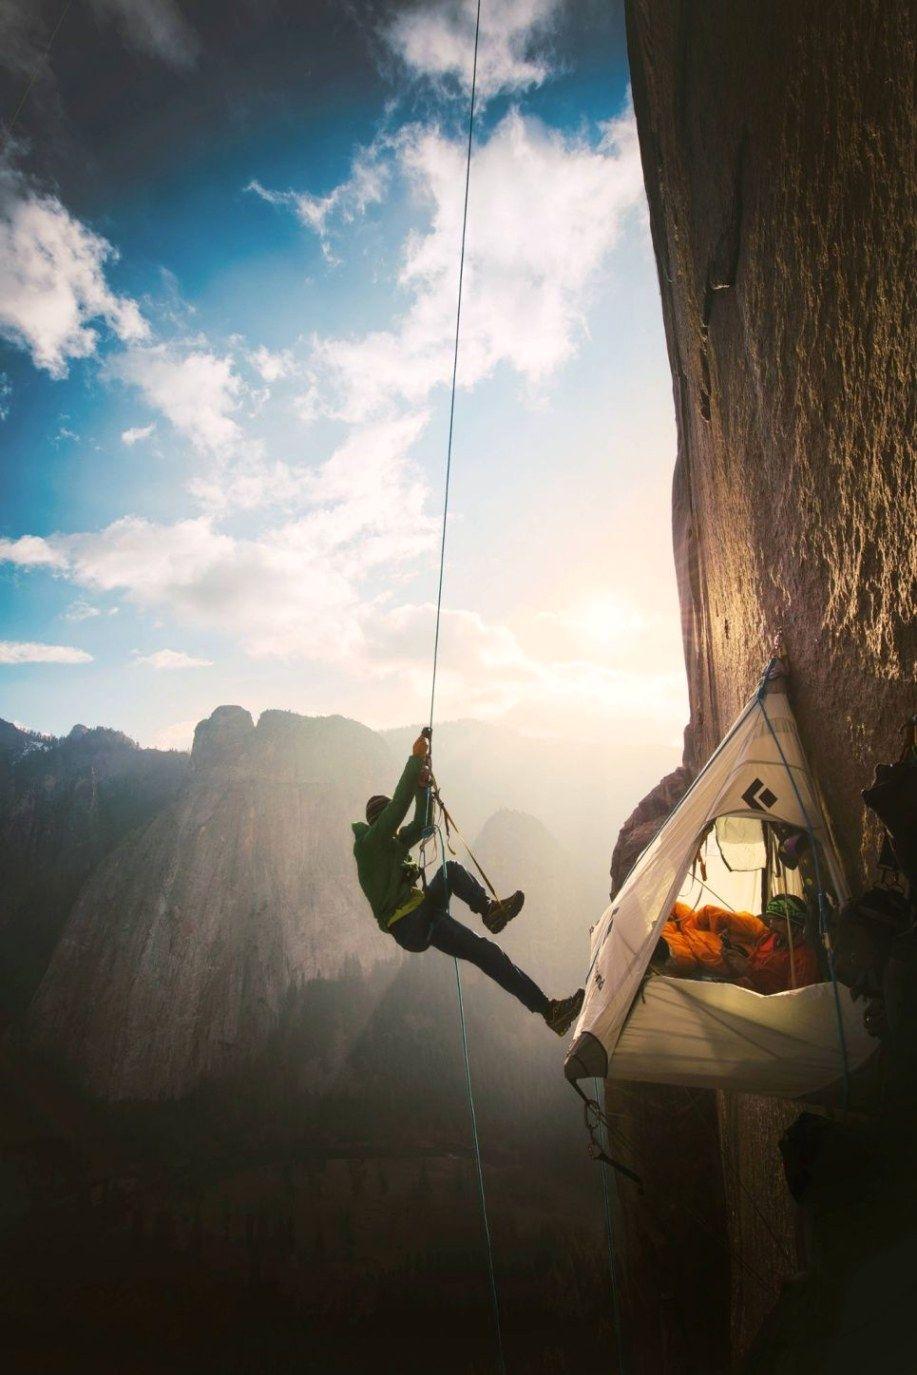 Pin Yosemite In National Park 2019 Alpinismo Escalada